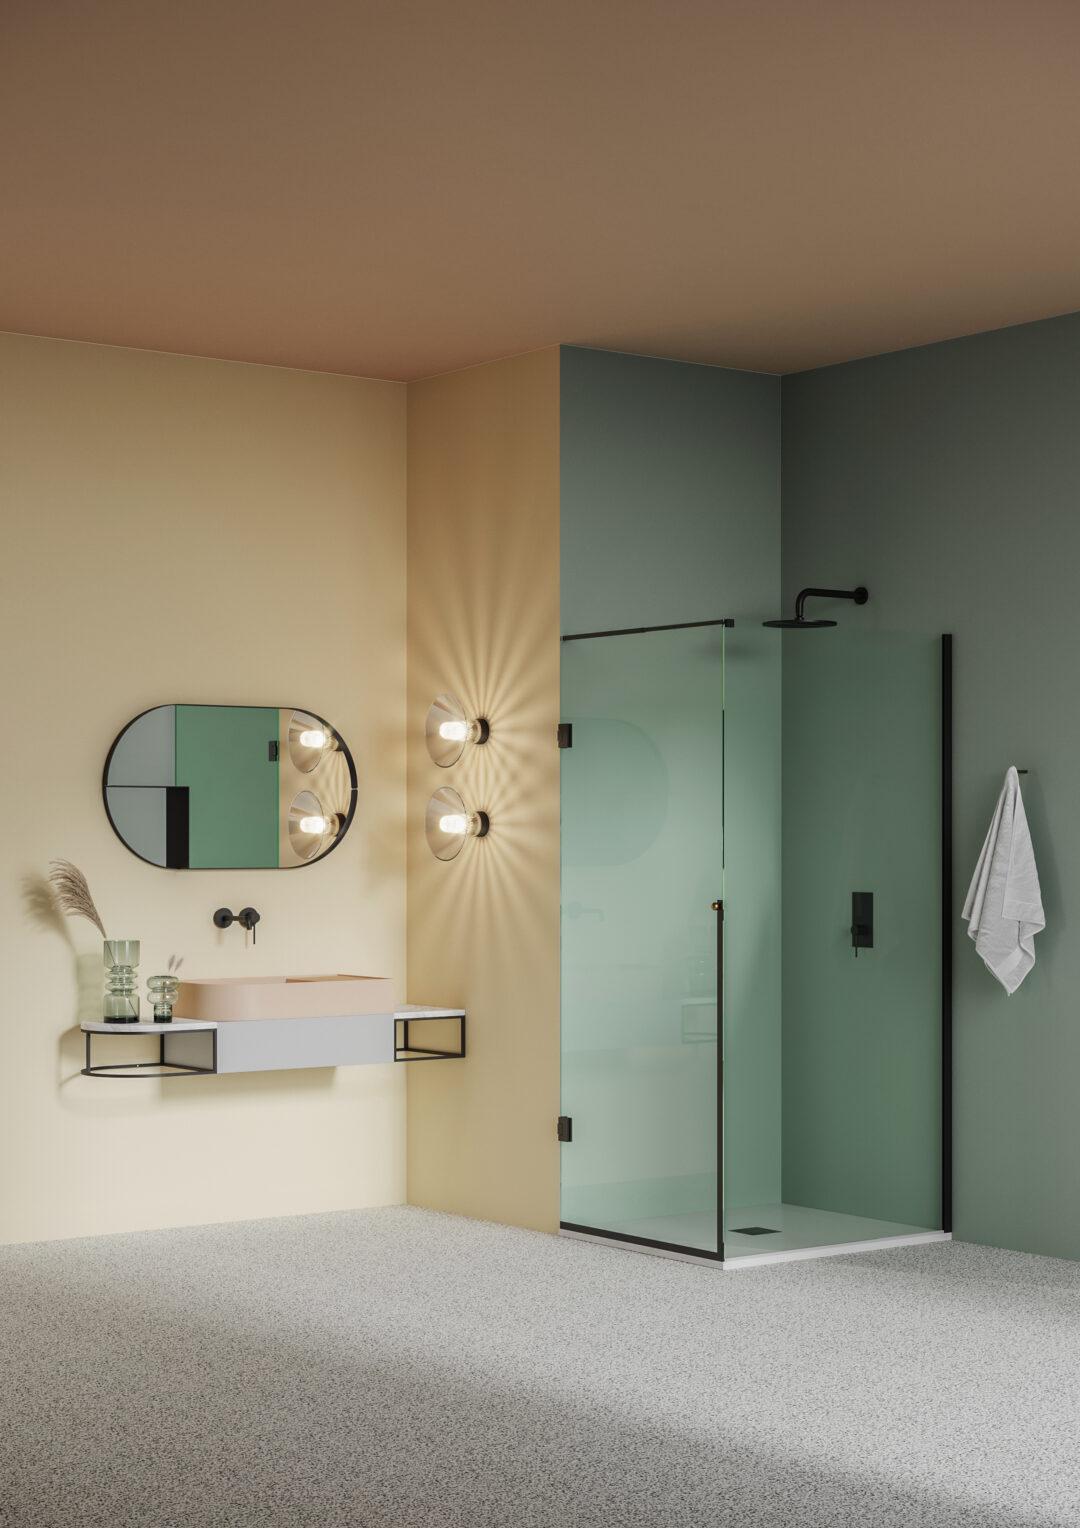 Bien aménager une petite salle de bains_jouer sur les éclairages